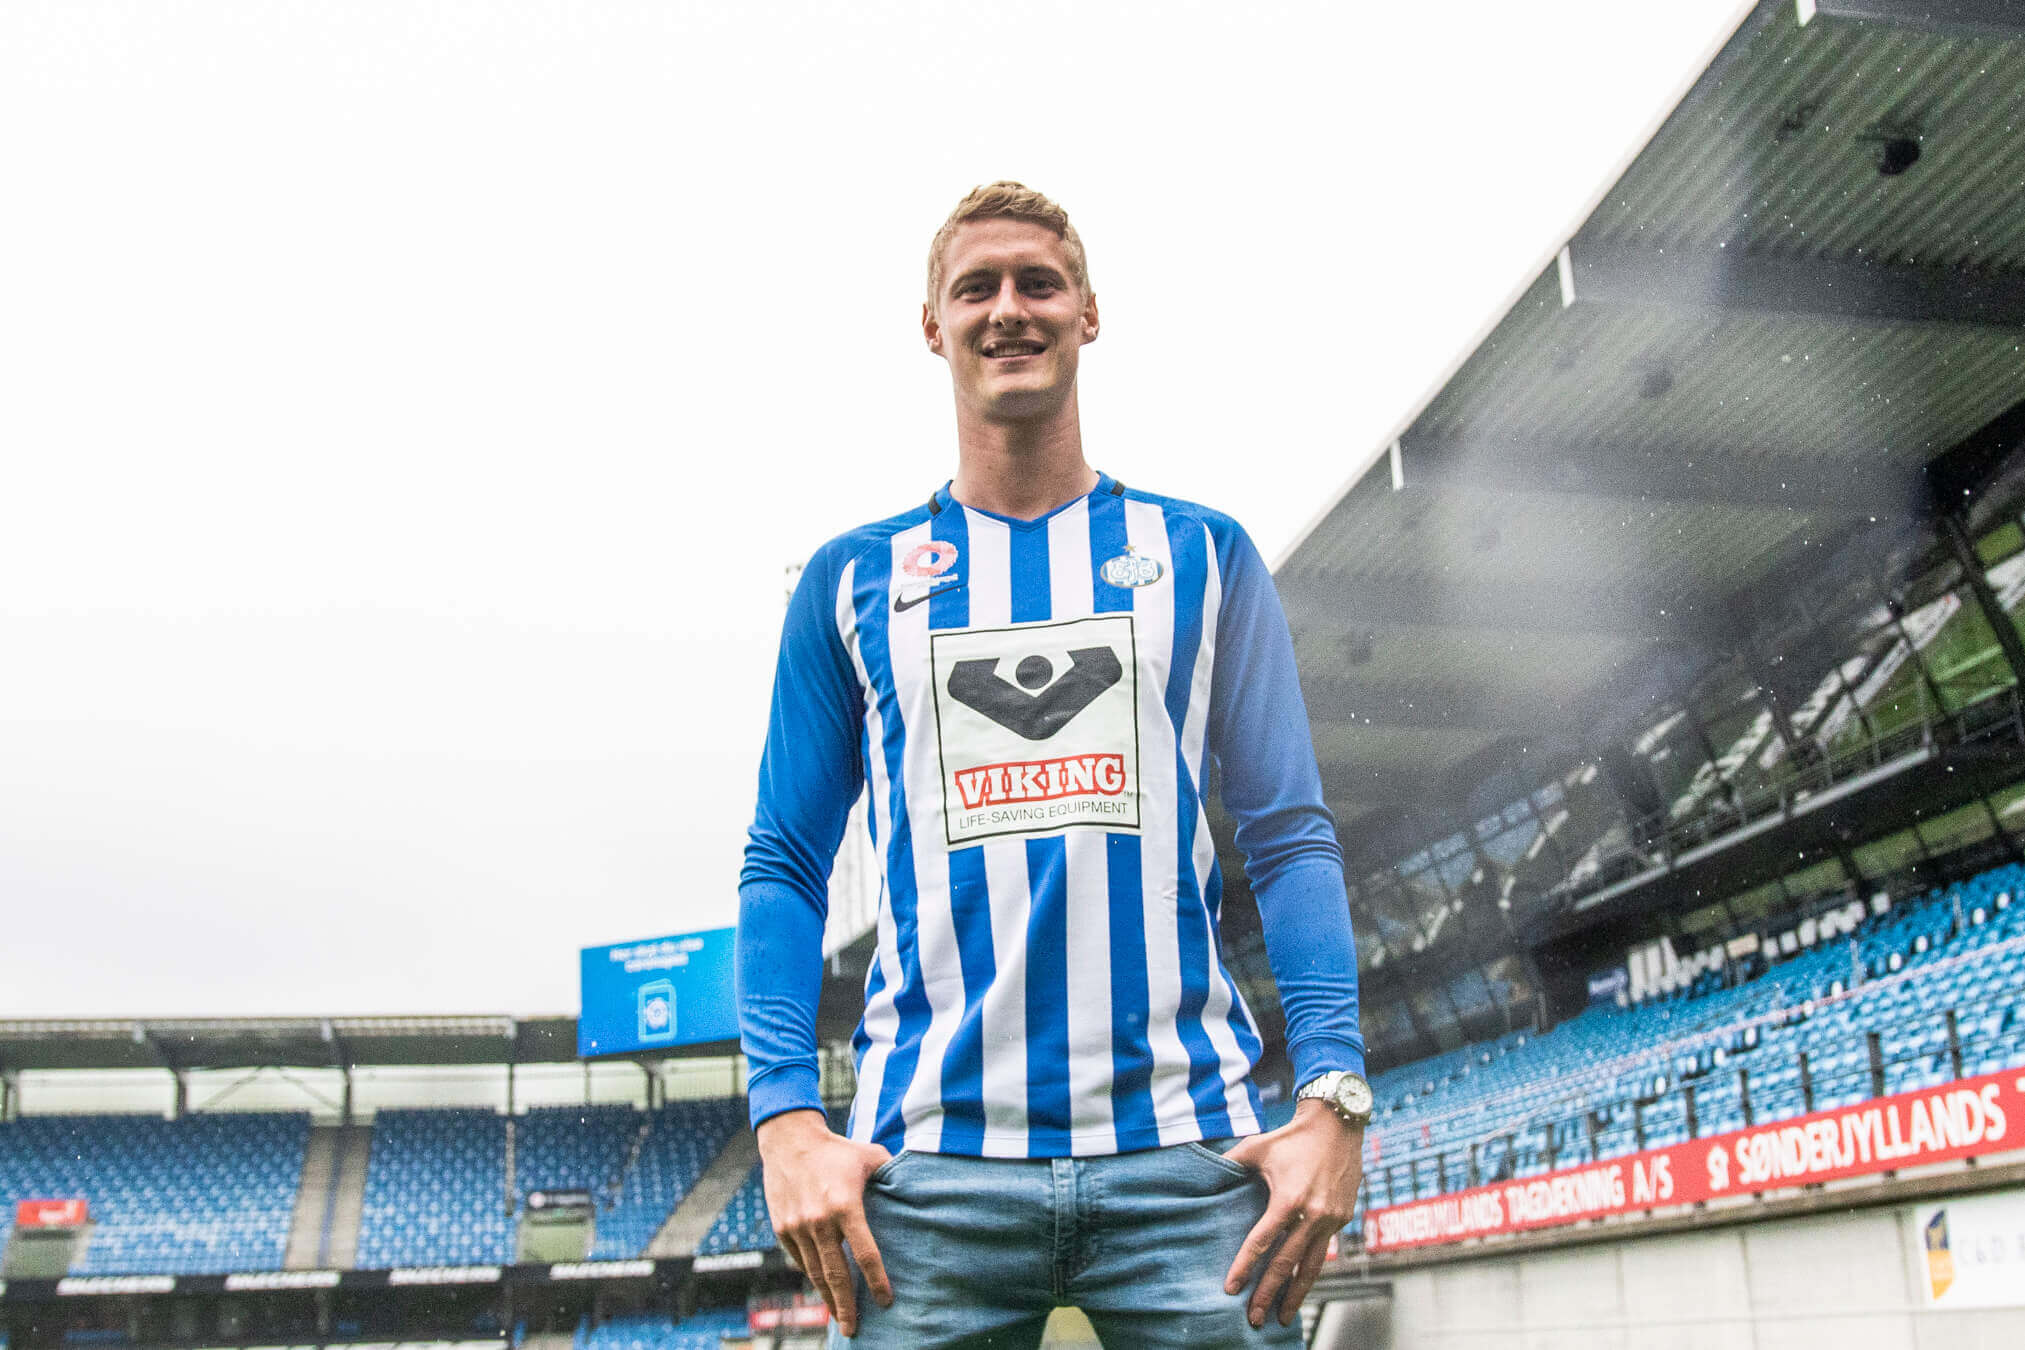 Holten: Glæder mig til at spille for EfB